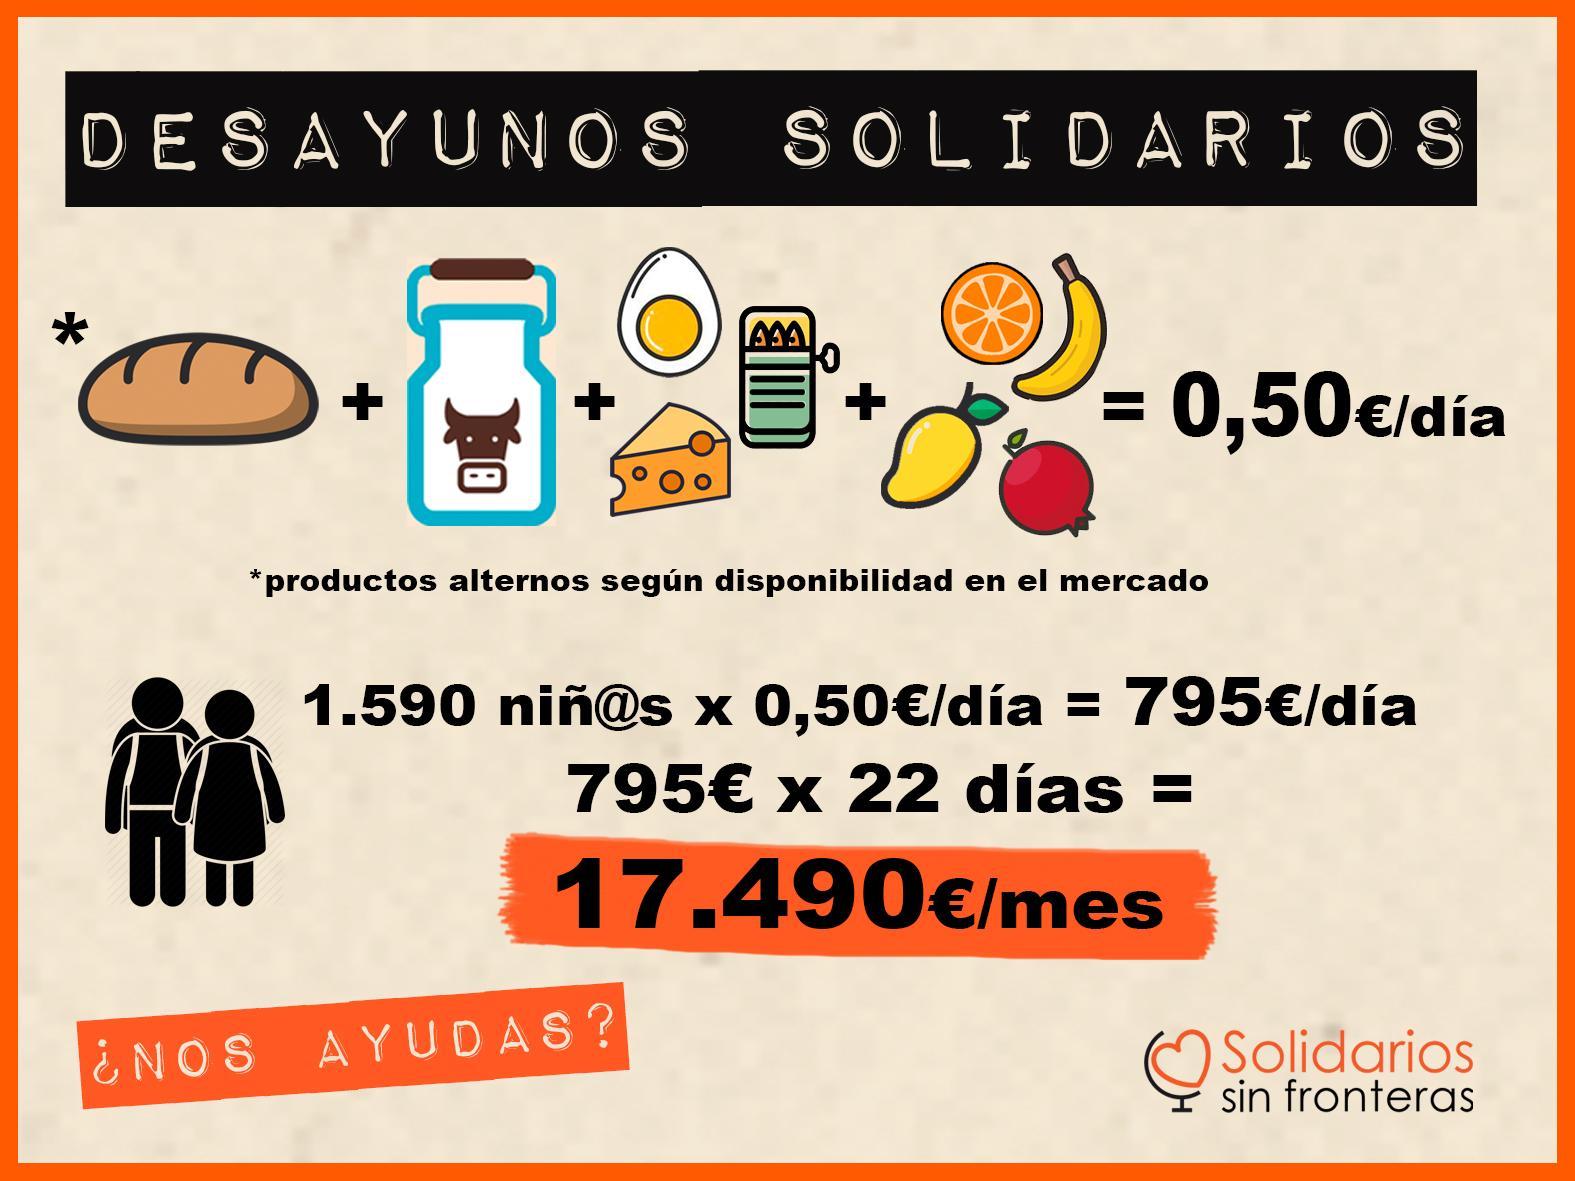 Desayunos-solidarios-yemen